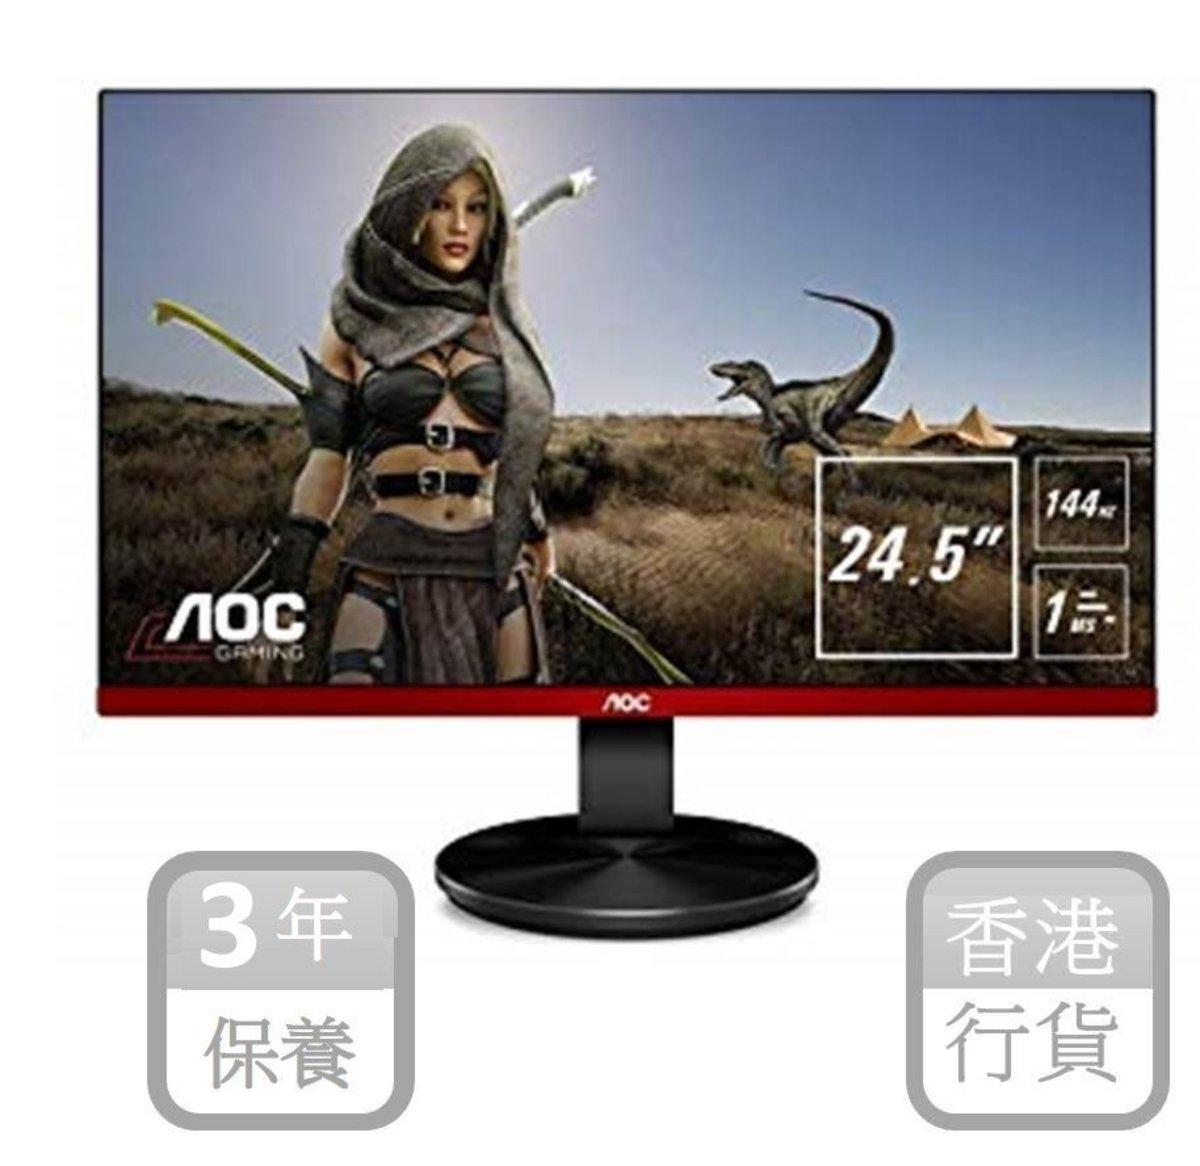 G2590FX 24.5吋遊戲專用液晶顯示屏